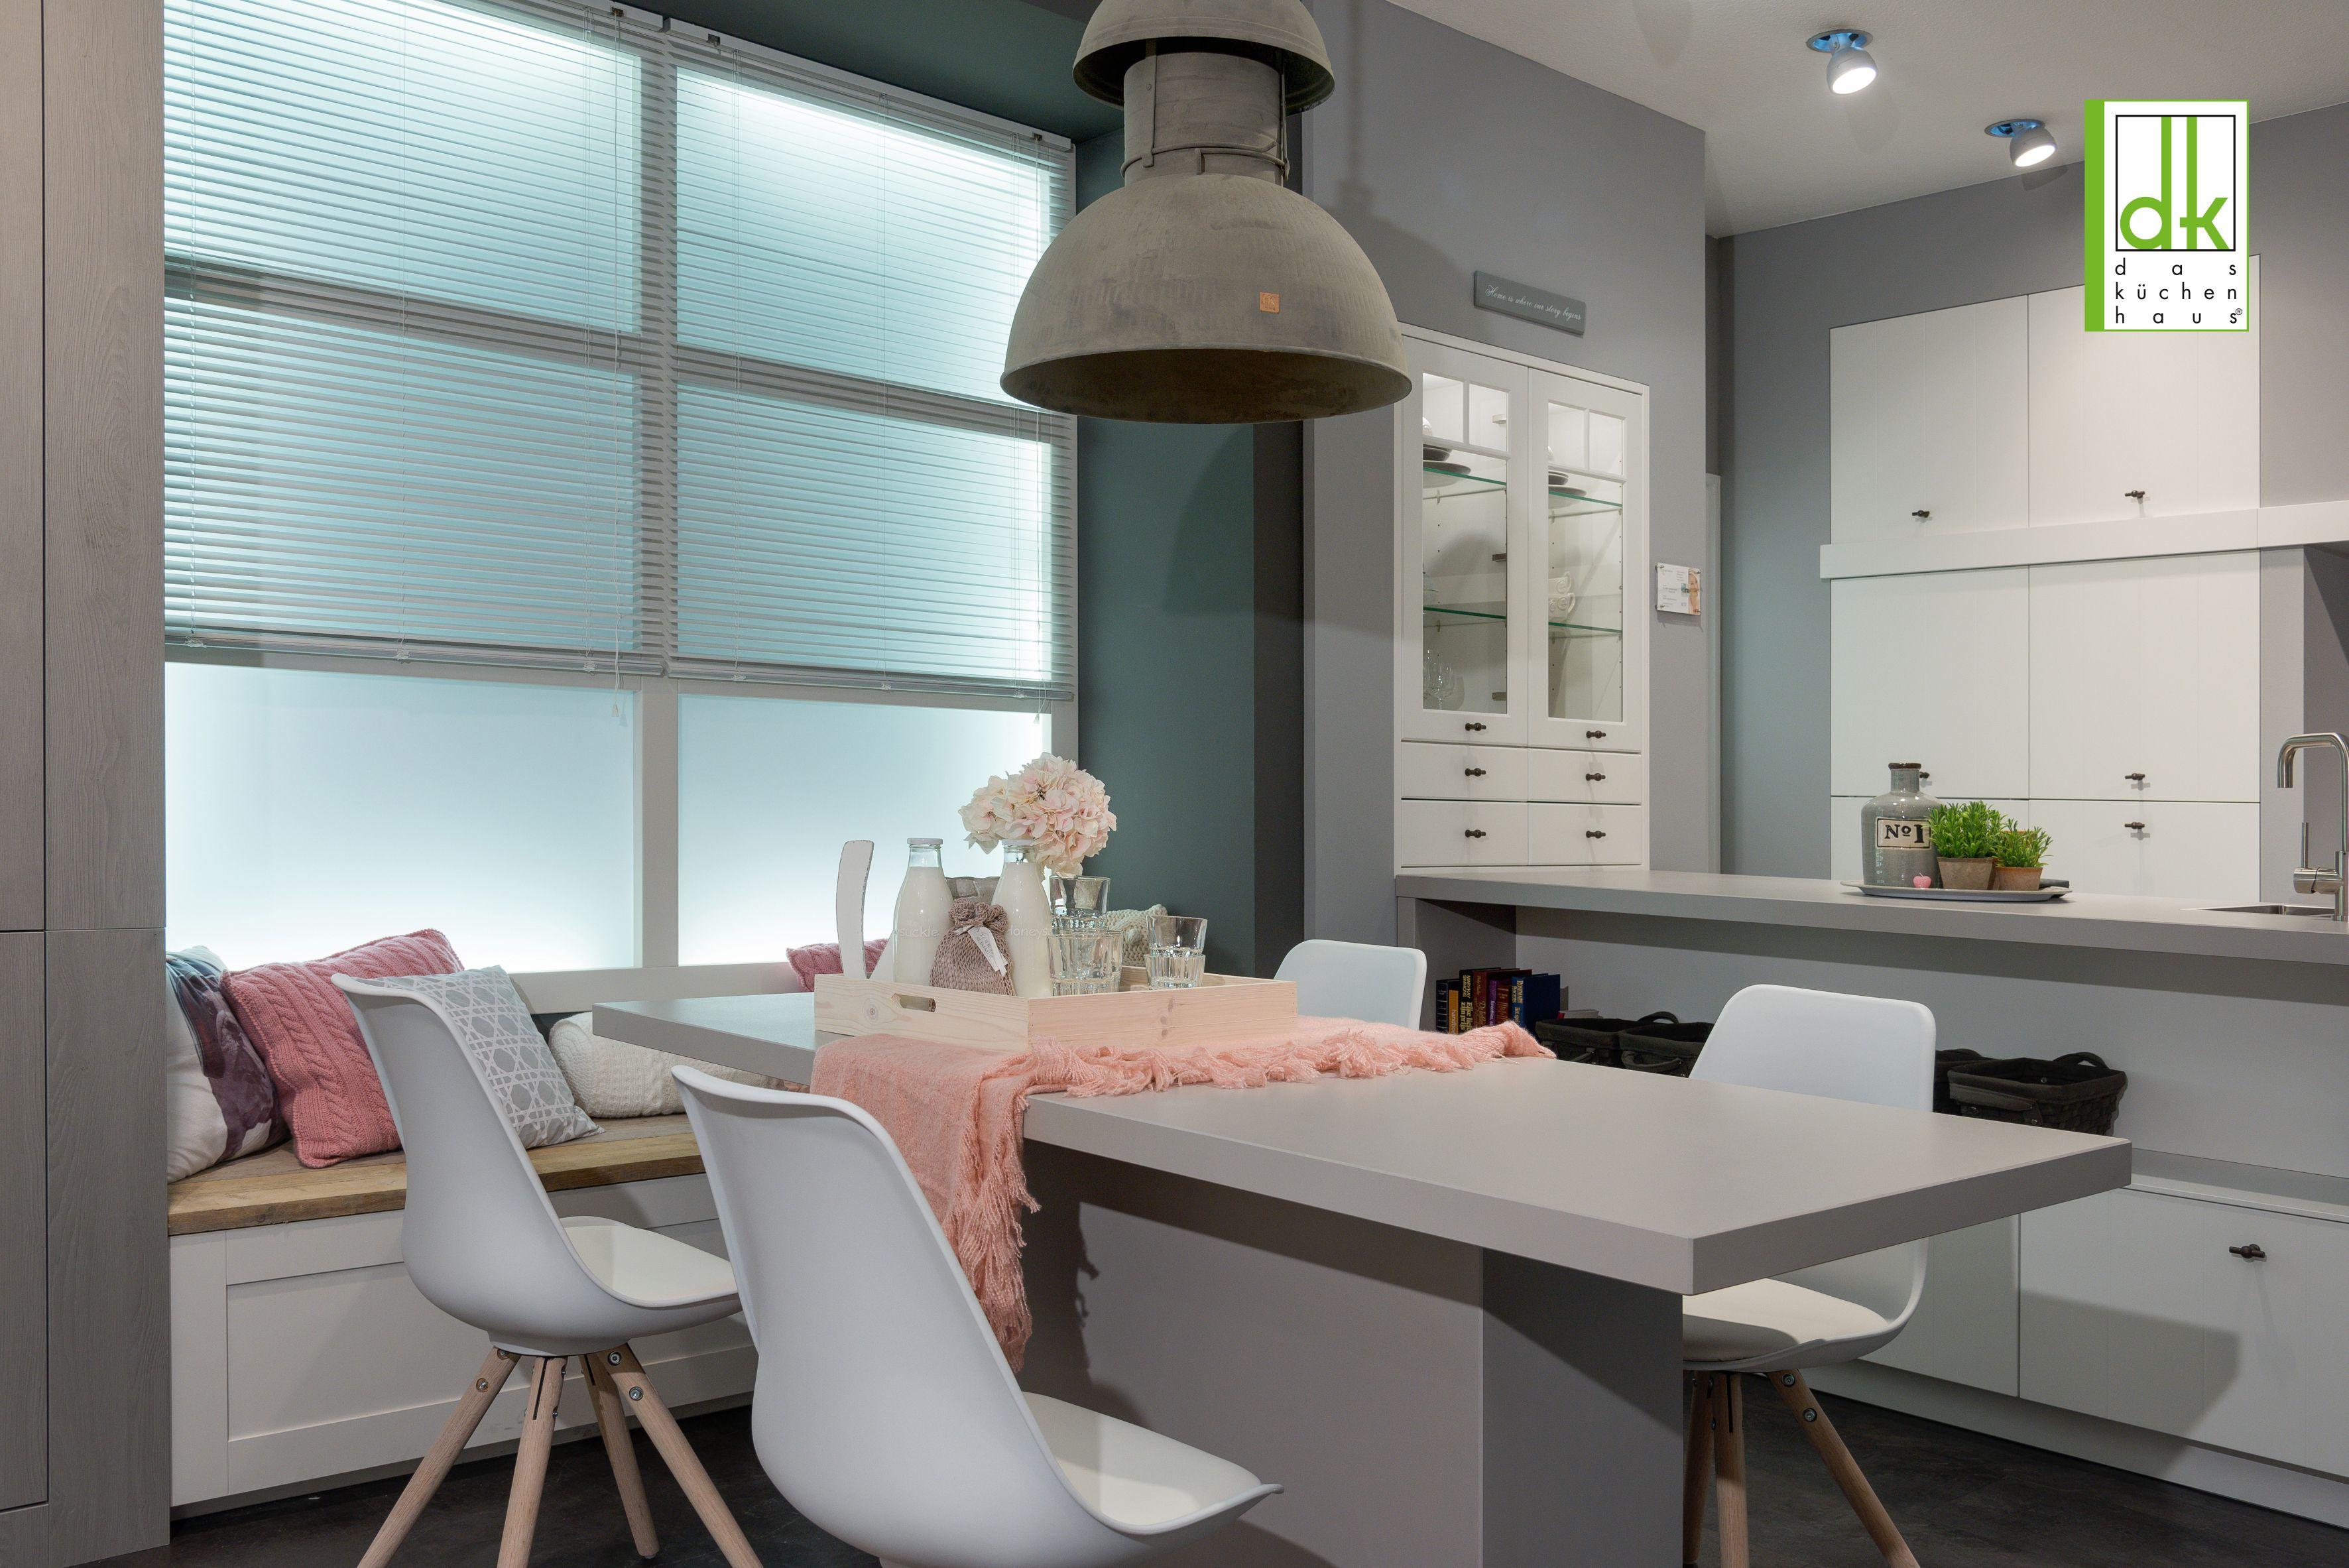 Küche mit Sitzbank im Landhausstil